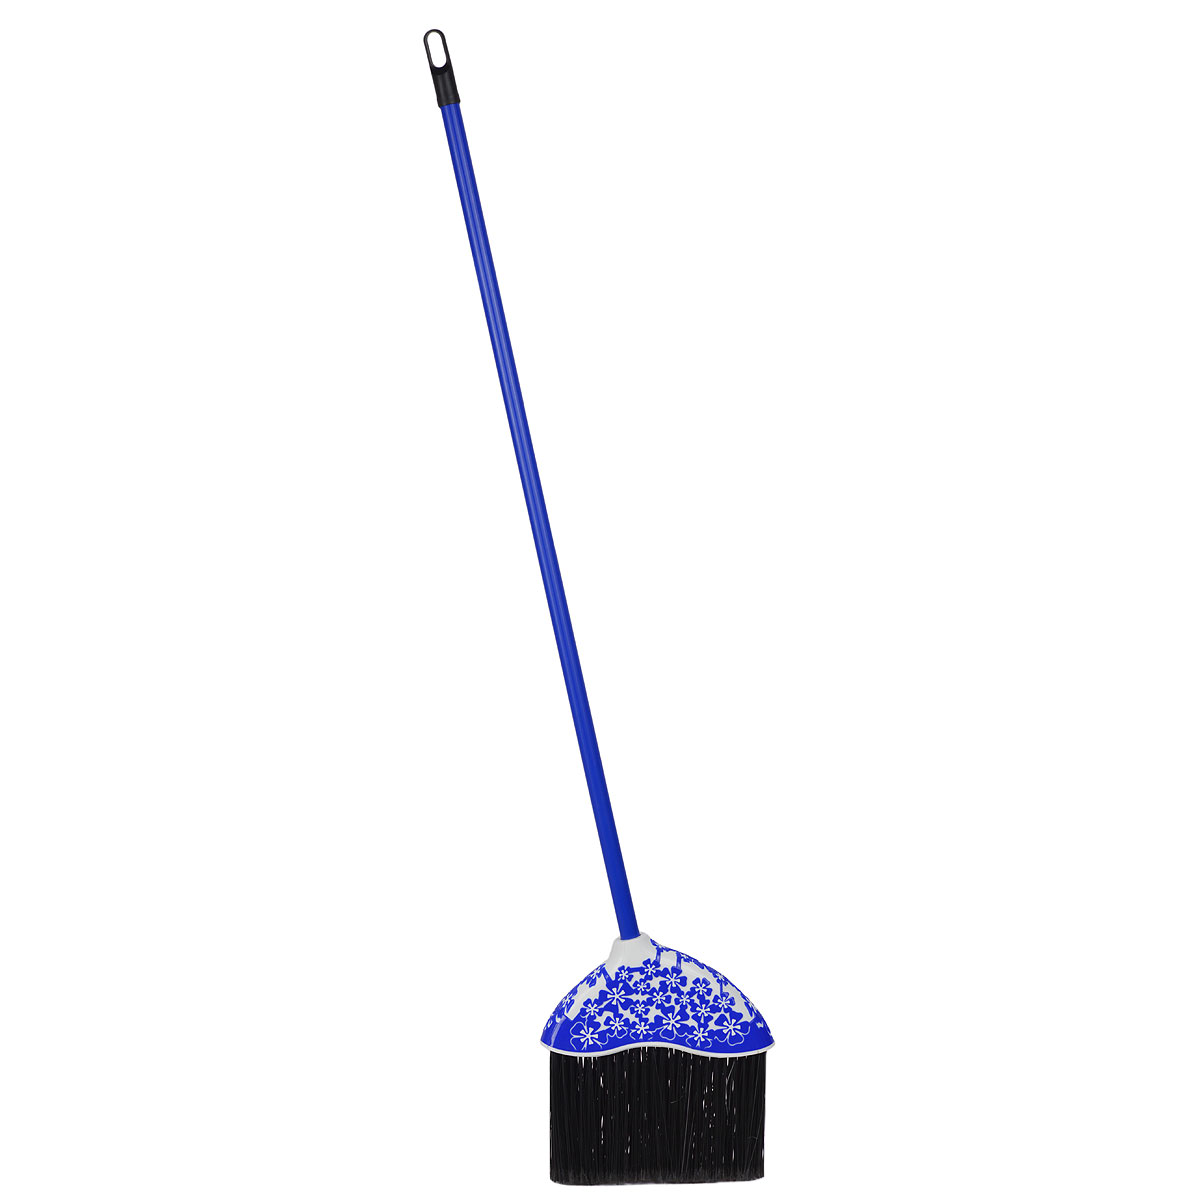 Веник Альтернатива Камелия, жесткий, цвет: синий, 123 смM3430Традиционный веник Альтернатива Камелия для подметания, выполненный из полипропилена. Оснащен длинным черенком из пластика. Рабочая часть украшена узорами. Черенок оснащен отверстием для подвешивания.Оригинальный, современный, удобный веник сделает уборку эффективнее и приятнее.